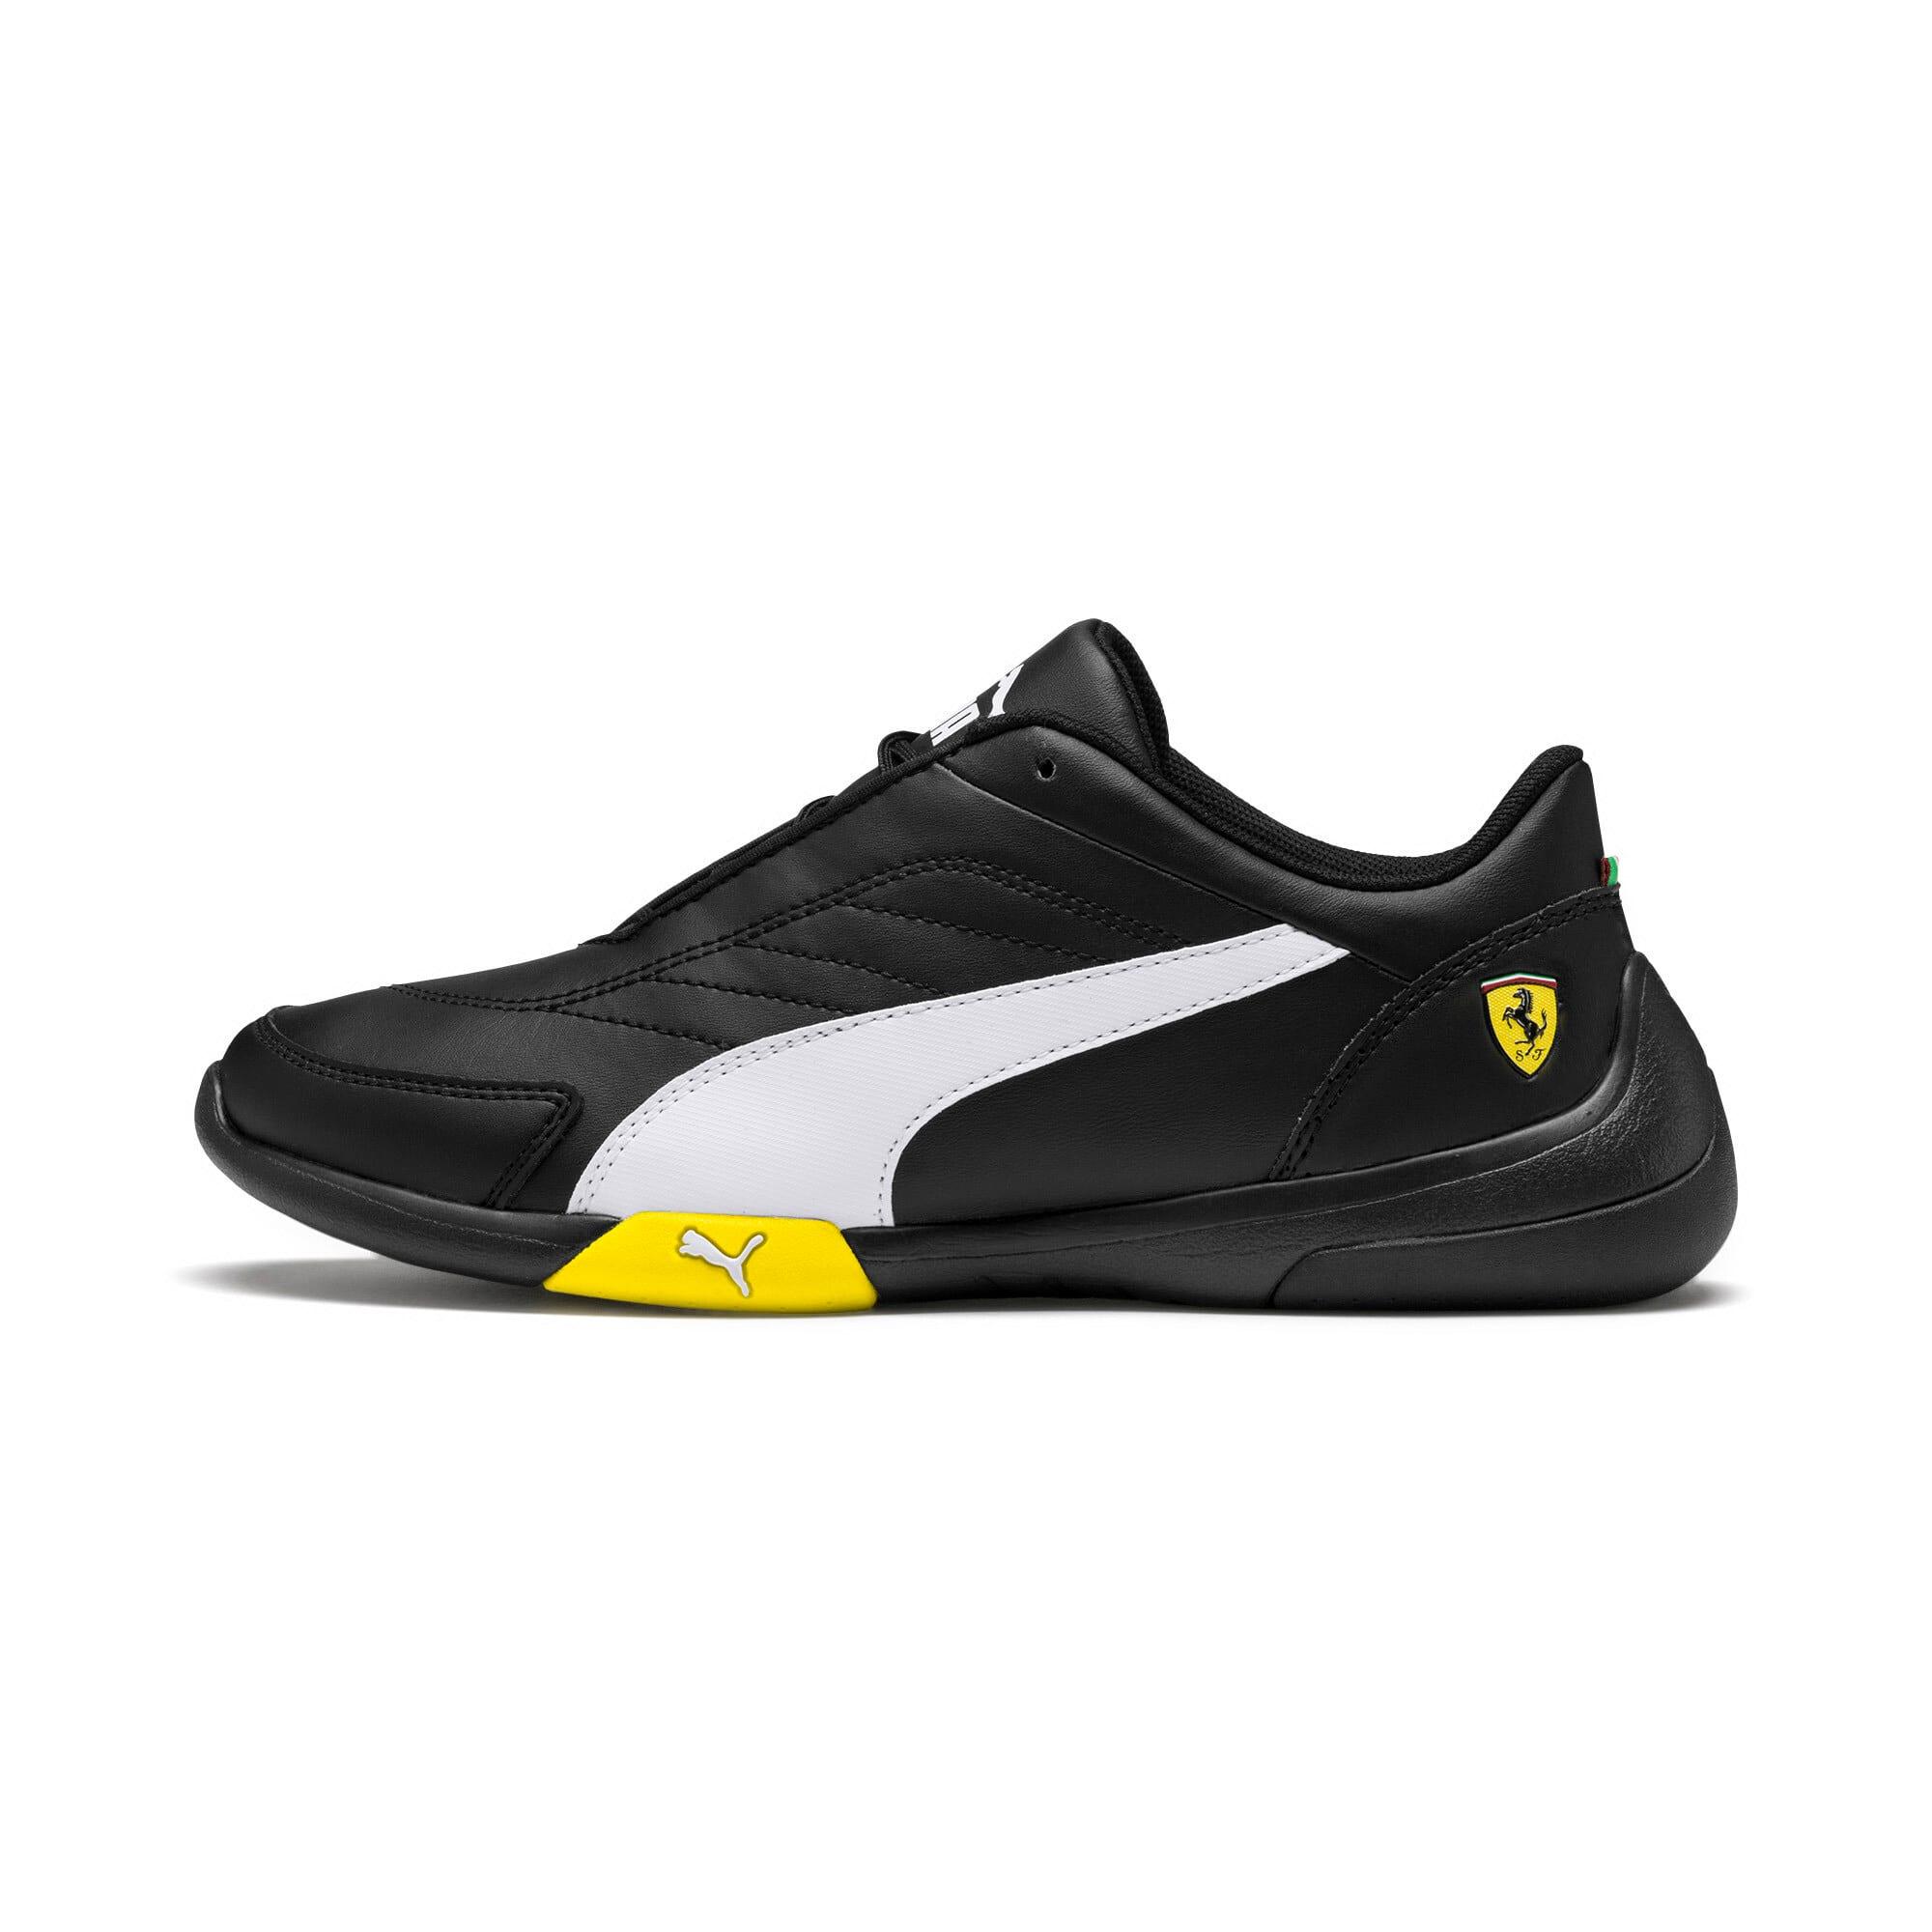 Thumbnail 1 of Ferrari Kart Cat III Youth Trainers, Black-White-Blazing Yellow, medium